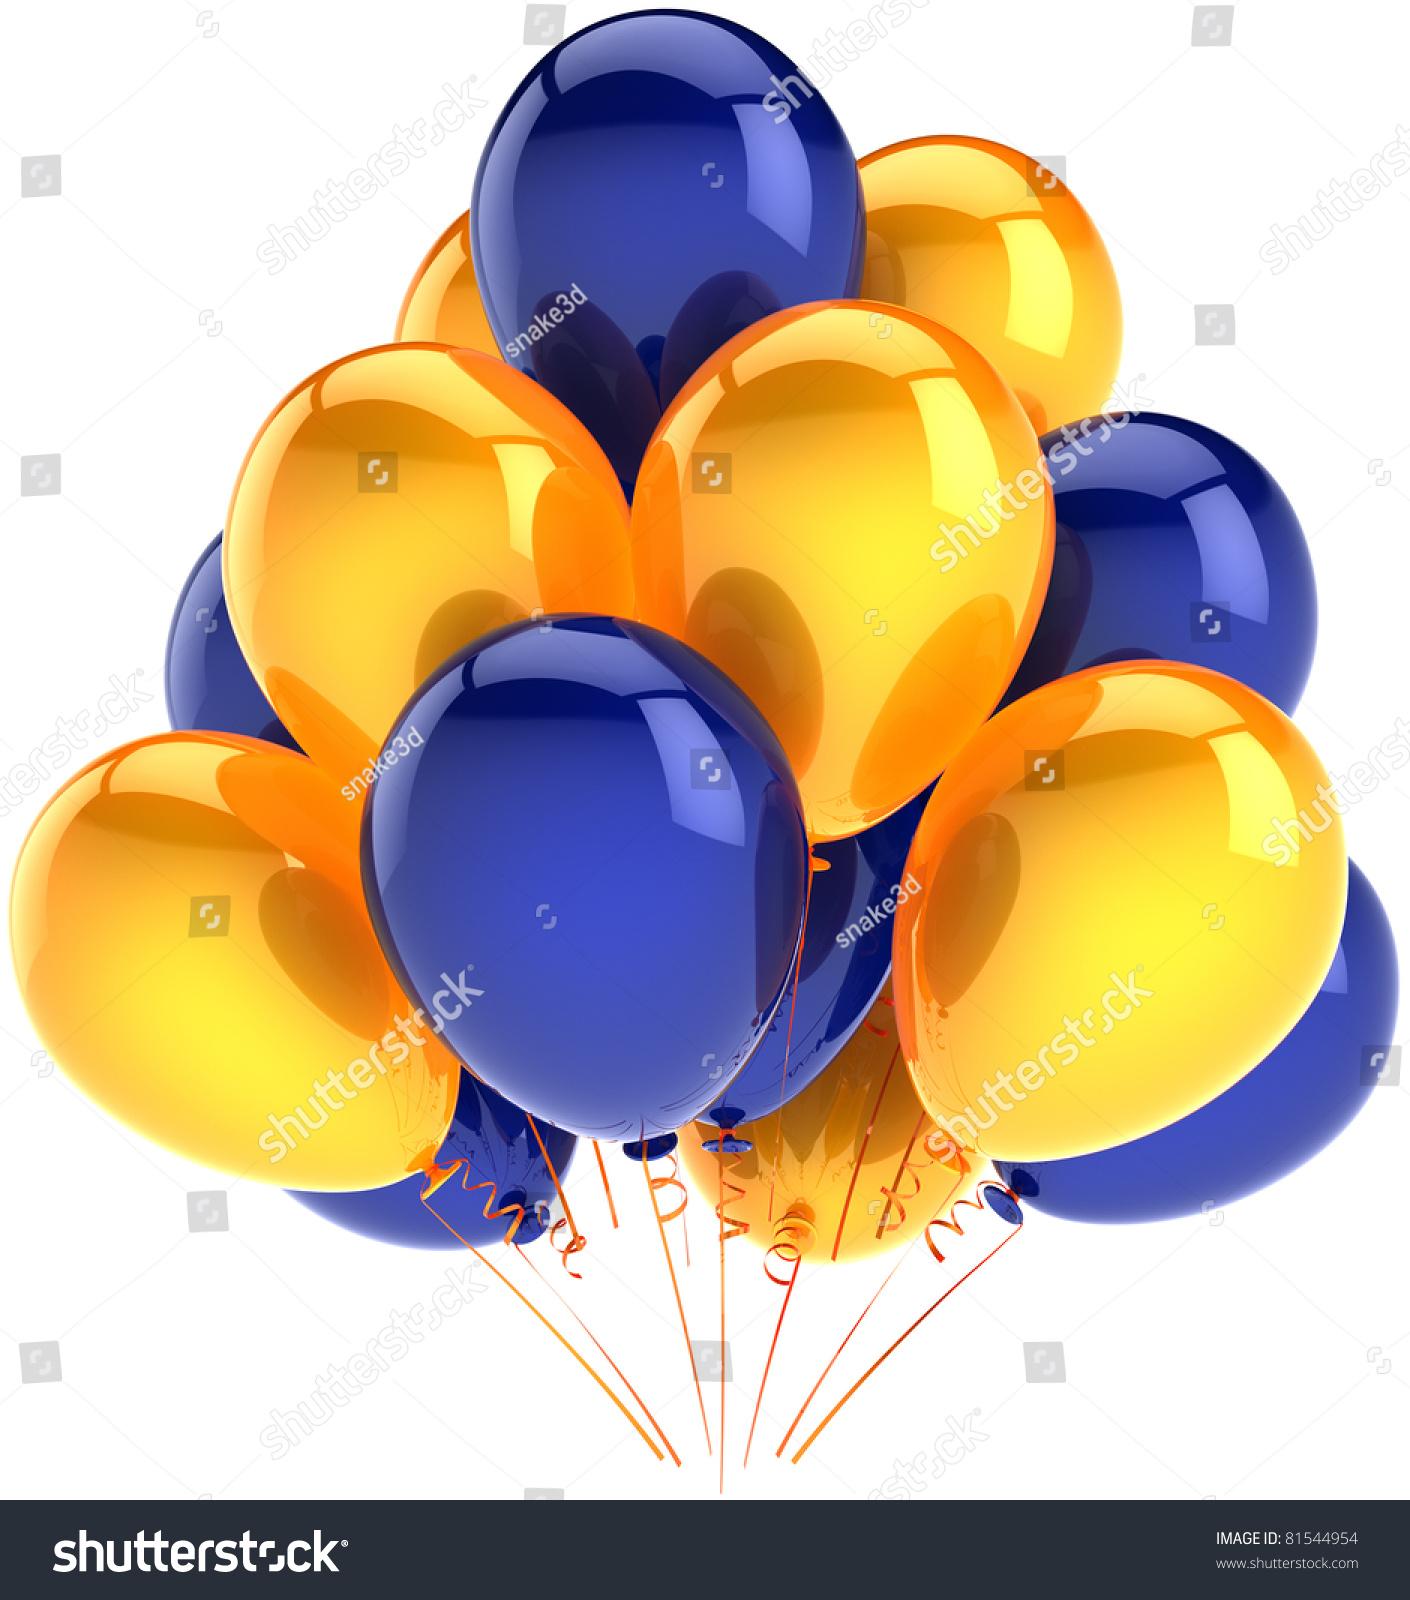 生日快乐气球派对装饰多色串黄色蓝色的气球.周年场合